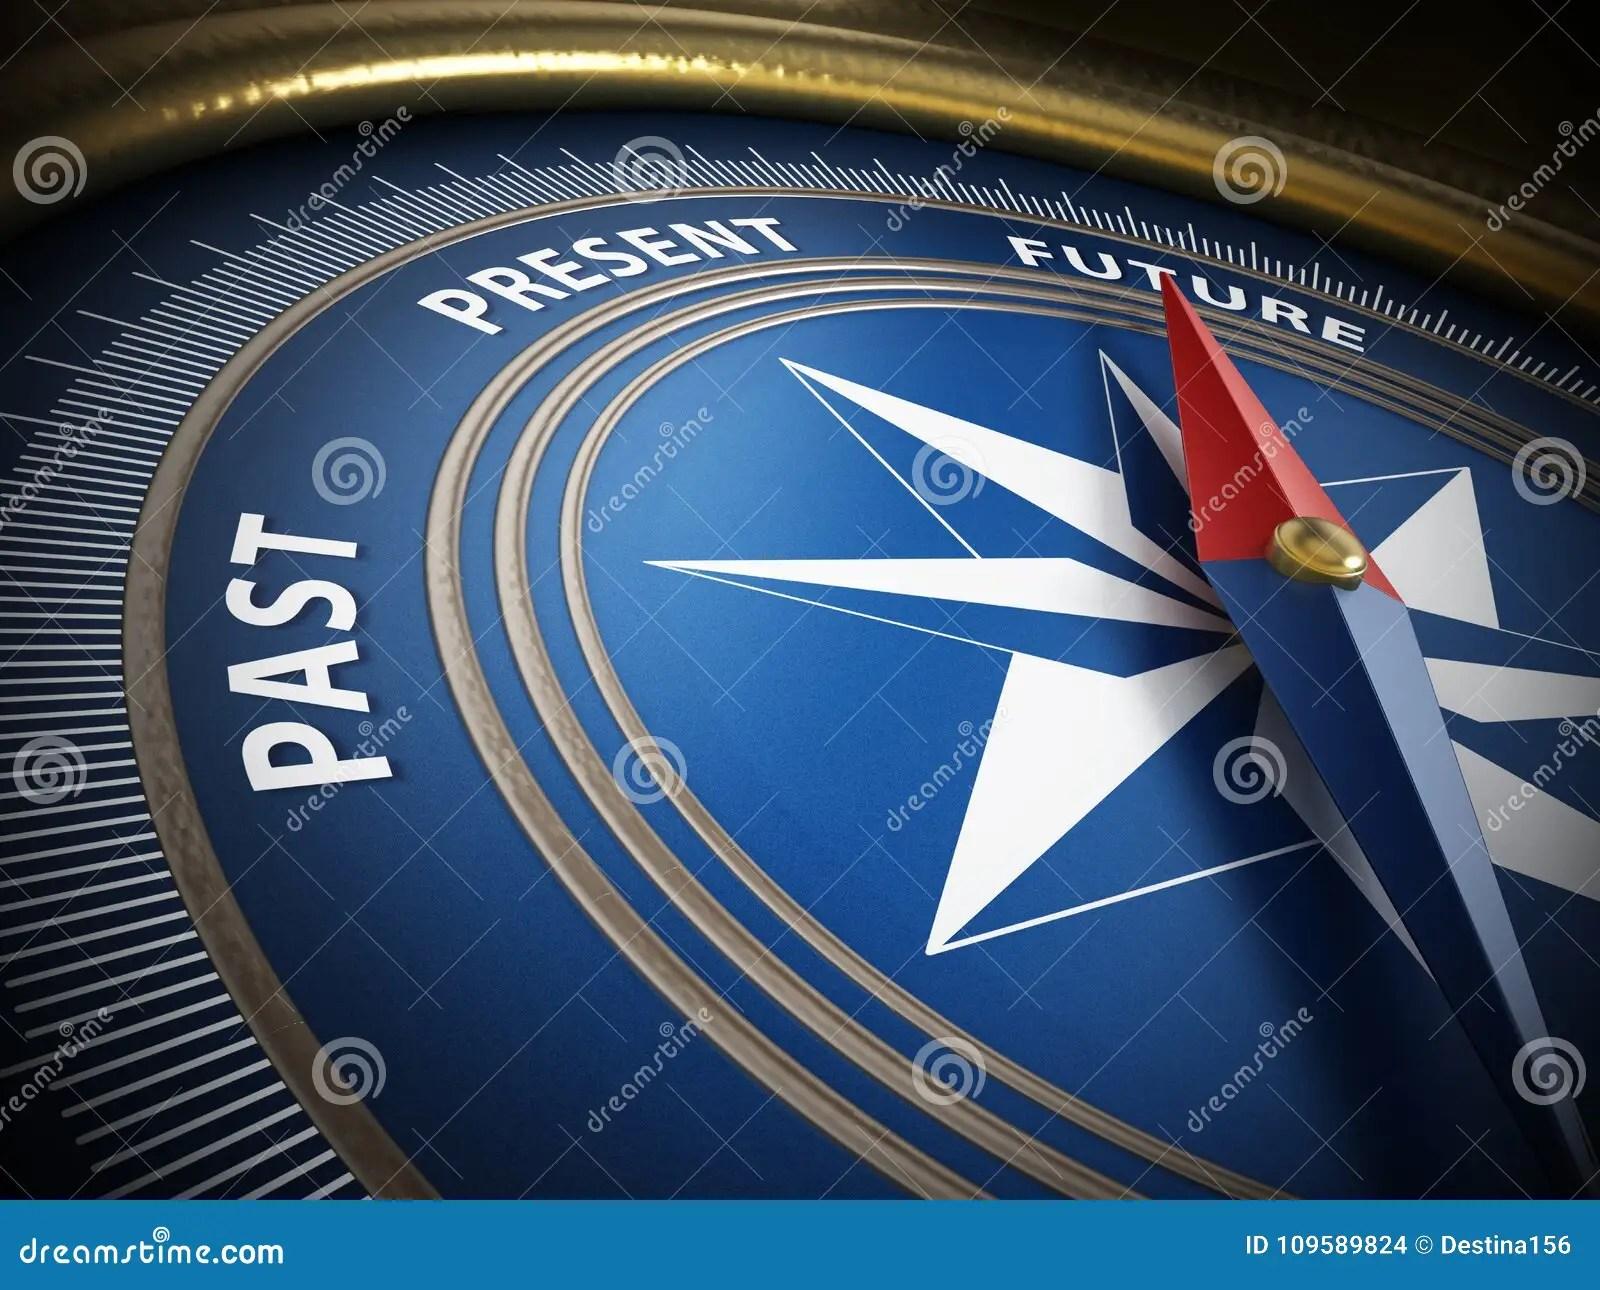 Past Present Future Dream Symbol